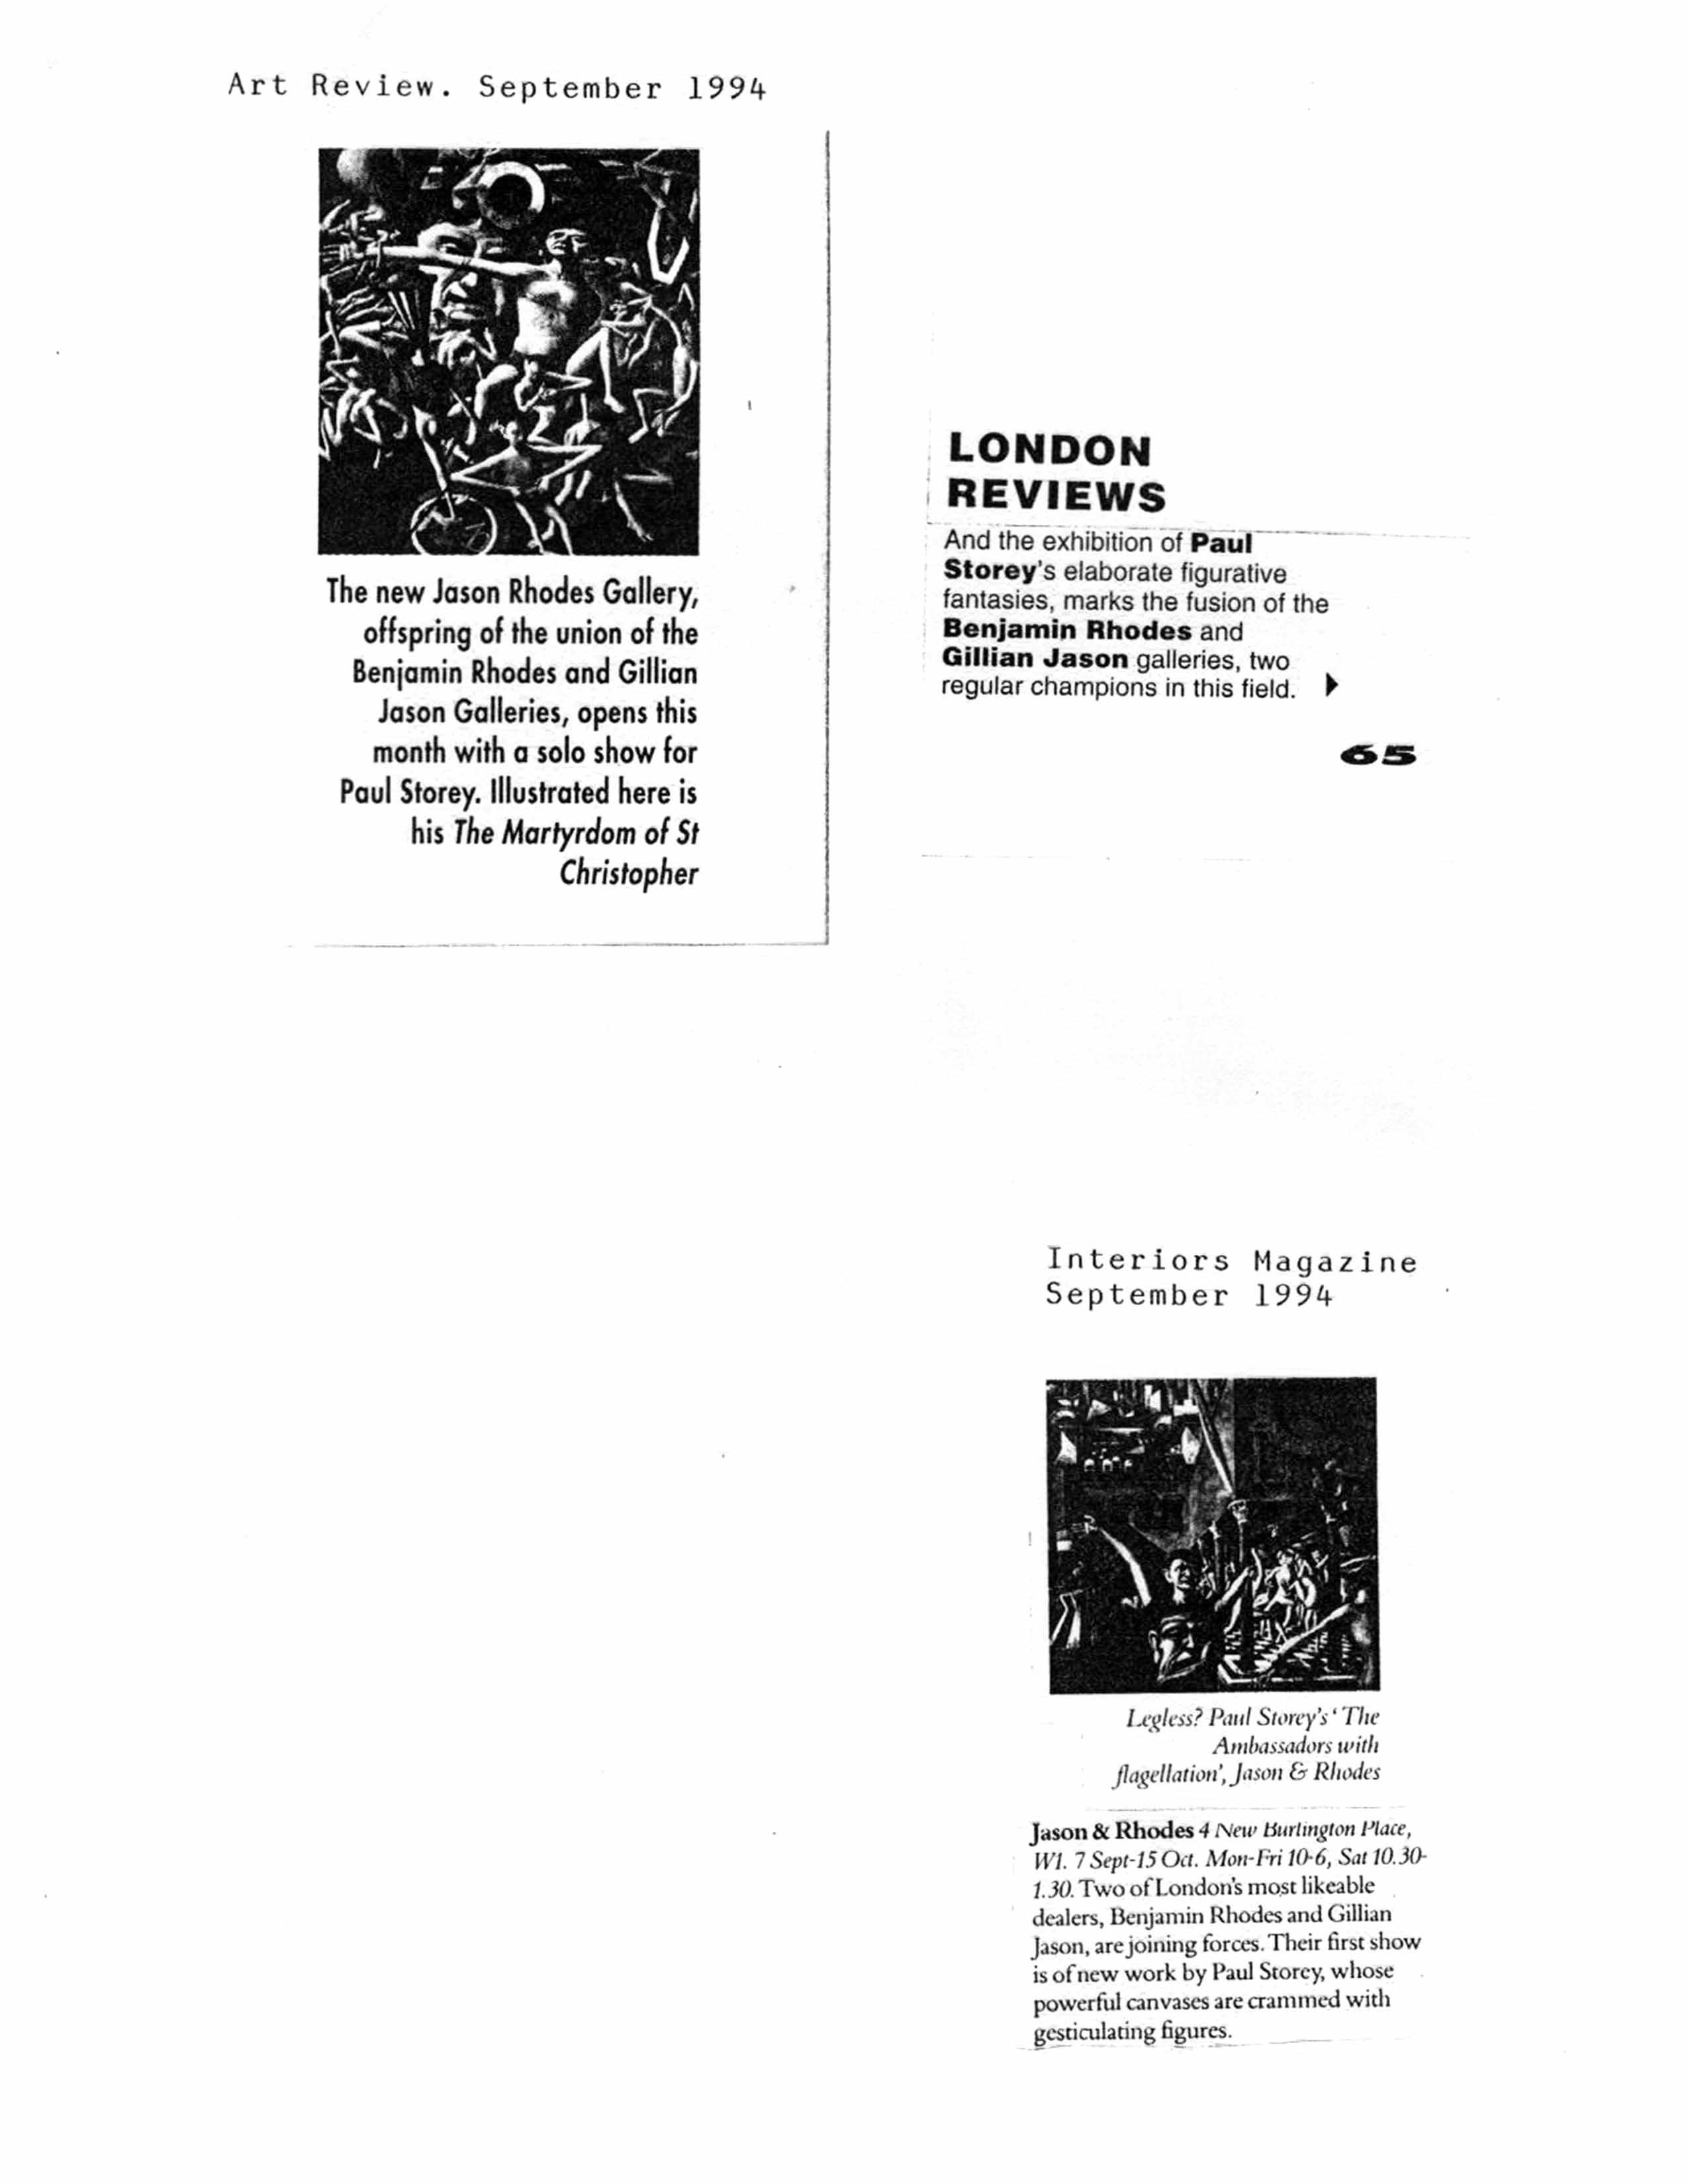 18 Art review Sep 94